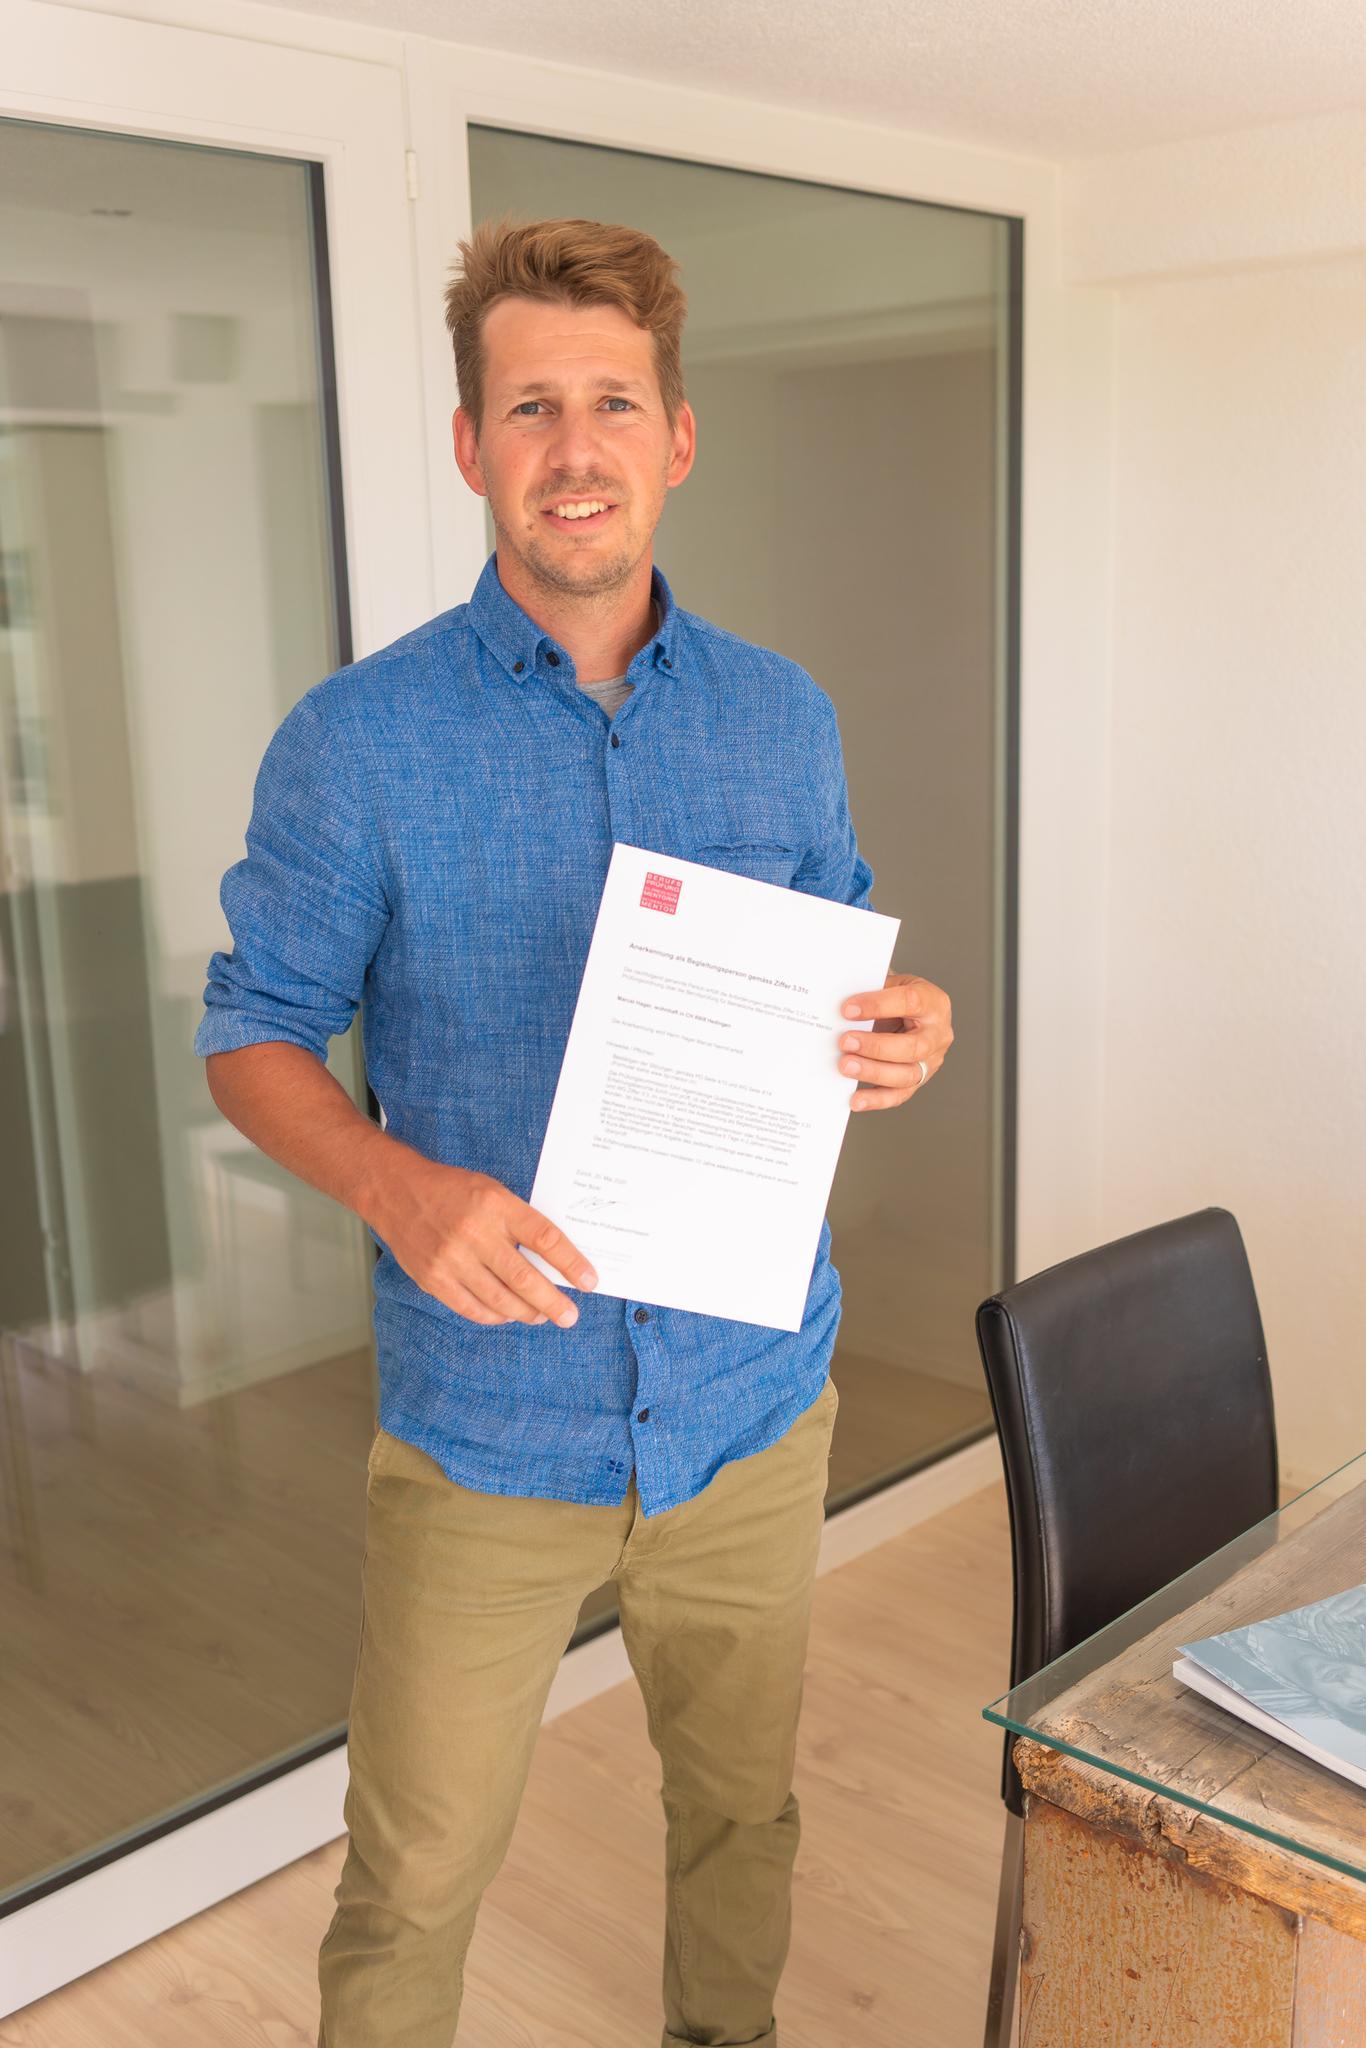 Marcel Hager ist als ausgebildete Begleitungsperson bei Coachingplus tätig